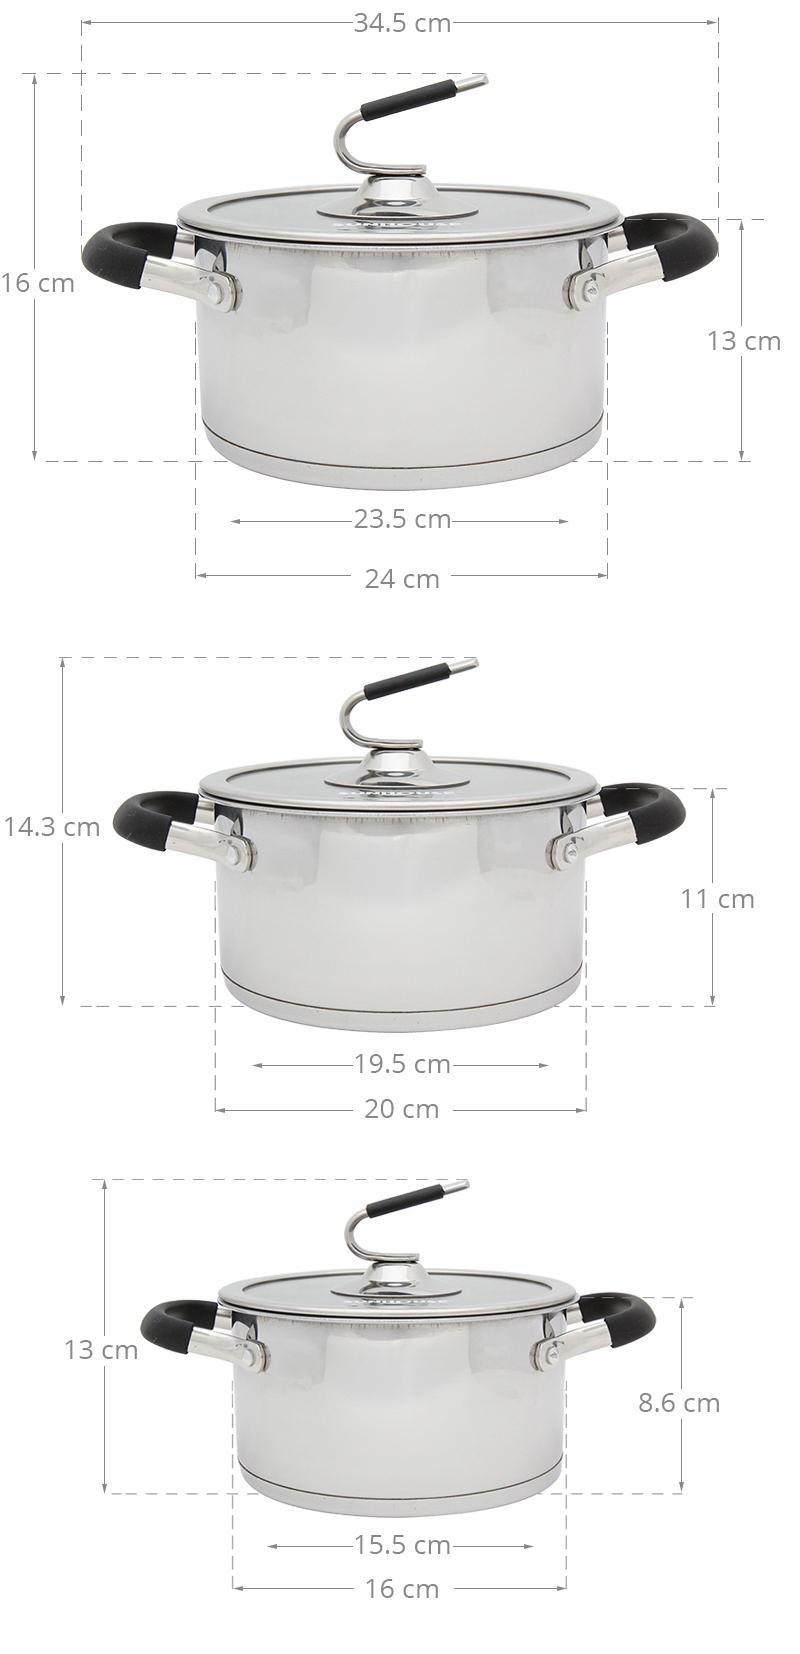 Bộ 3 nồi kích thước khác biệt phục vụ hoàn hảo nhu cầu nấu ăn gia đình